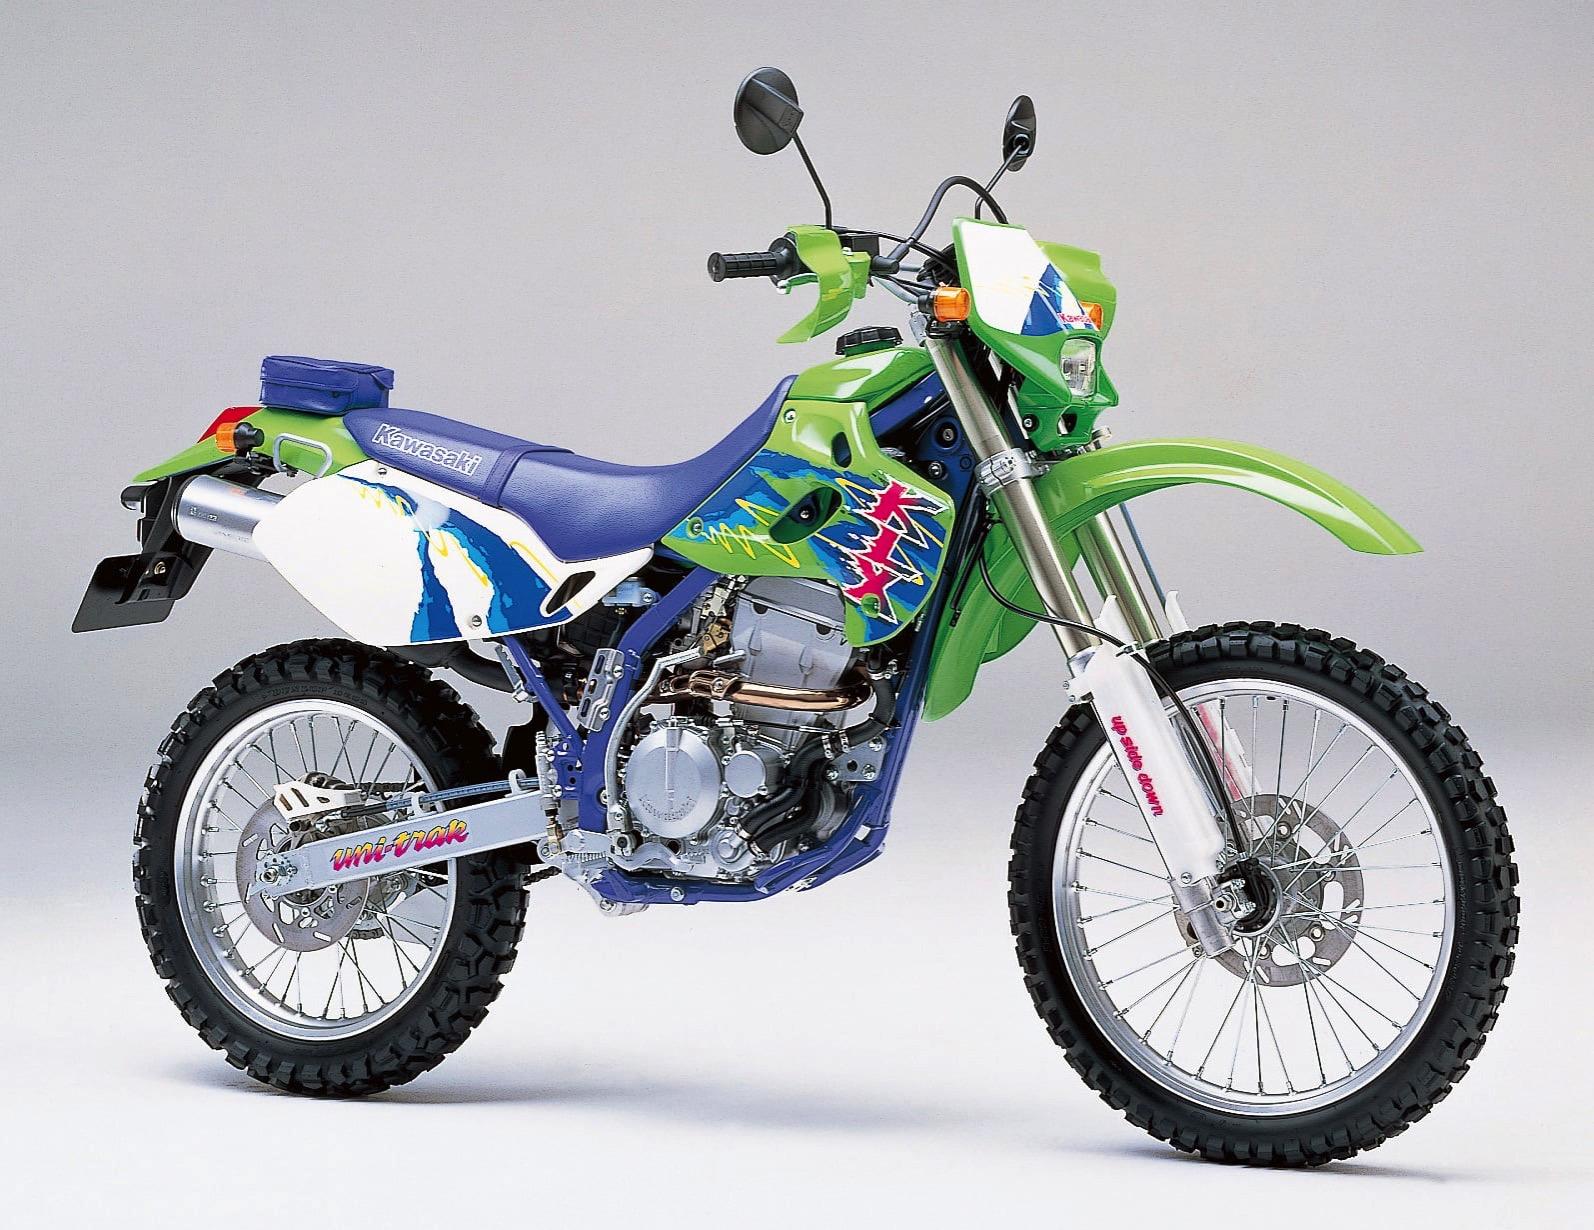 93 KLX250SR